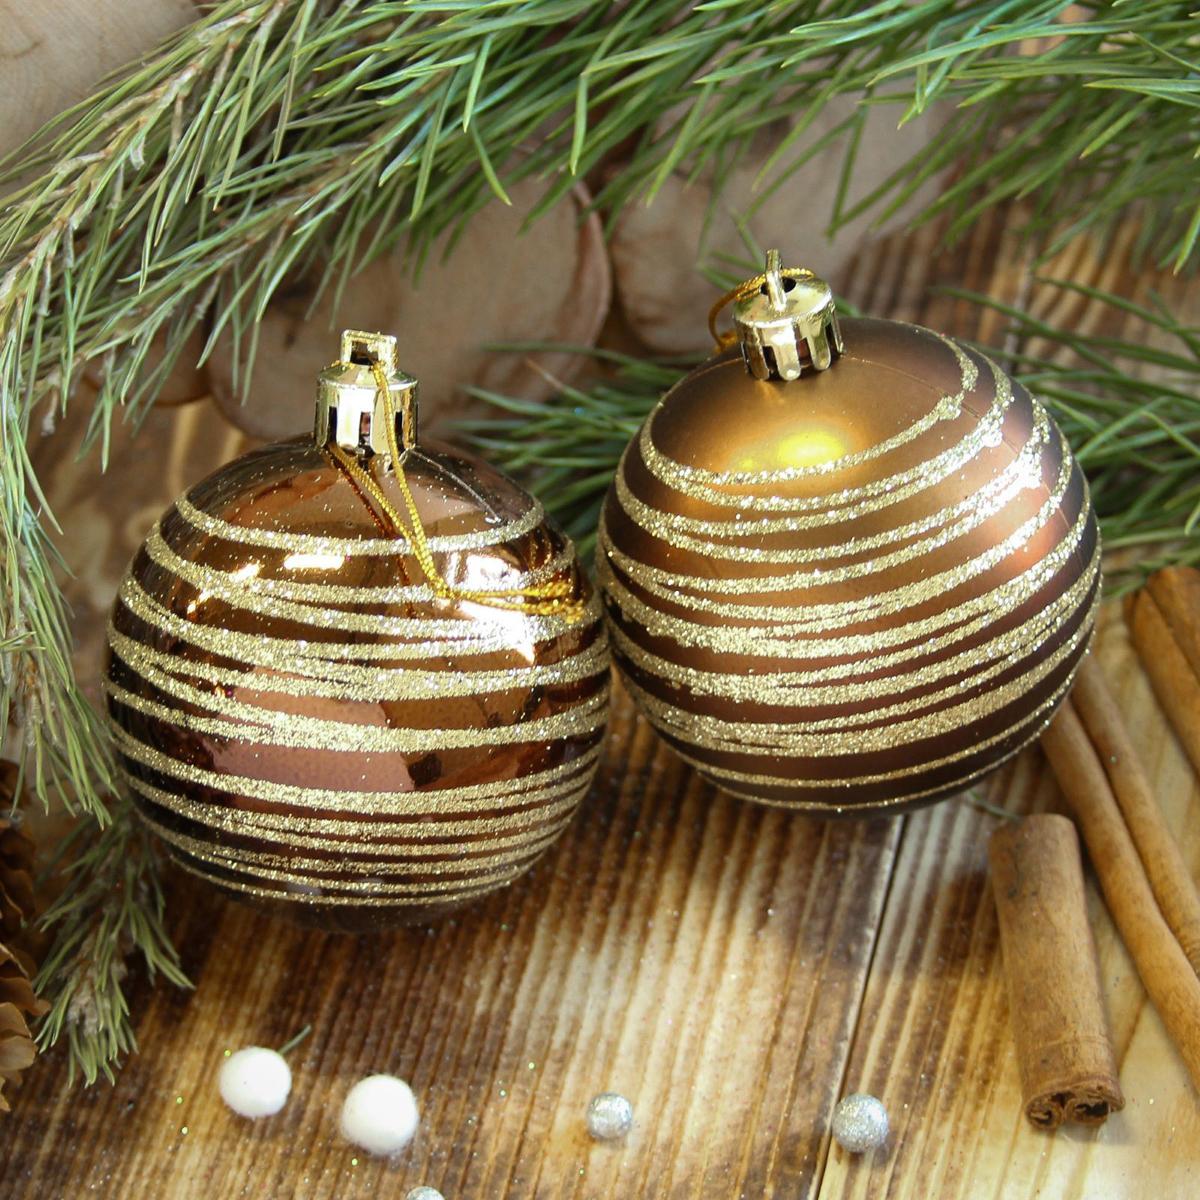 Набор новогодних подвесных украшений Sima-land Полосы, диаметр 6 см, 8 шт2122932Набор новогодних подвесных украшений Sima-land отлично подойдет для декорации вашего дома и новогодней ели. С помощью специальной петельки украшение можно повесить в любом понравившемся вам месте. Но, конечно, удачнее всего оно будет смотреться на праздничной елке. Елочная игрушка - символ Нового года. Она несет в себе волшебство и красоту праздника. Создайте в своем доме атмосферу веселья и радости, украшая новогоднюю елку нарядными игрушками, которые будут из года в год накапливать теплоту воспоминаний.